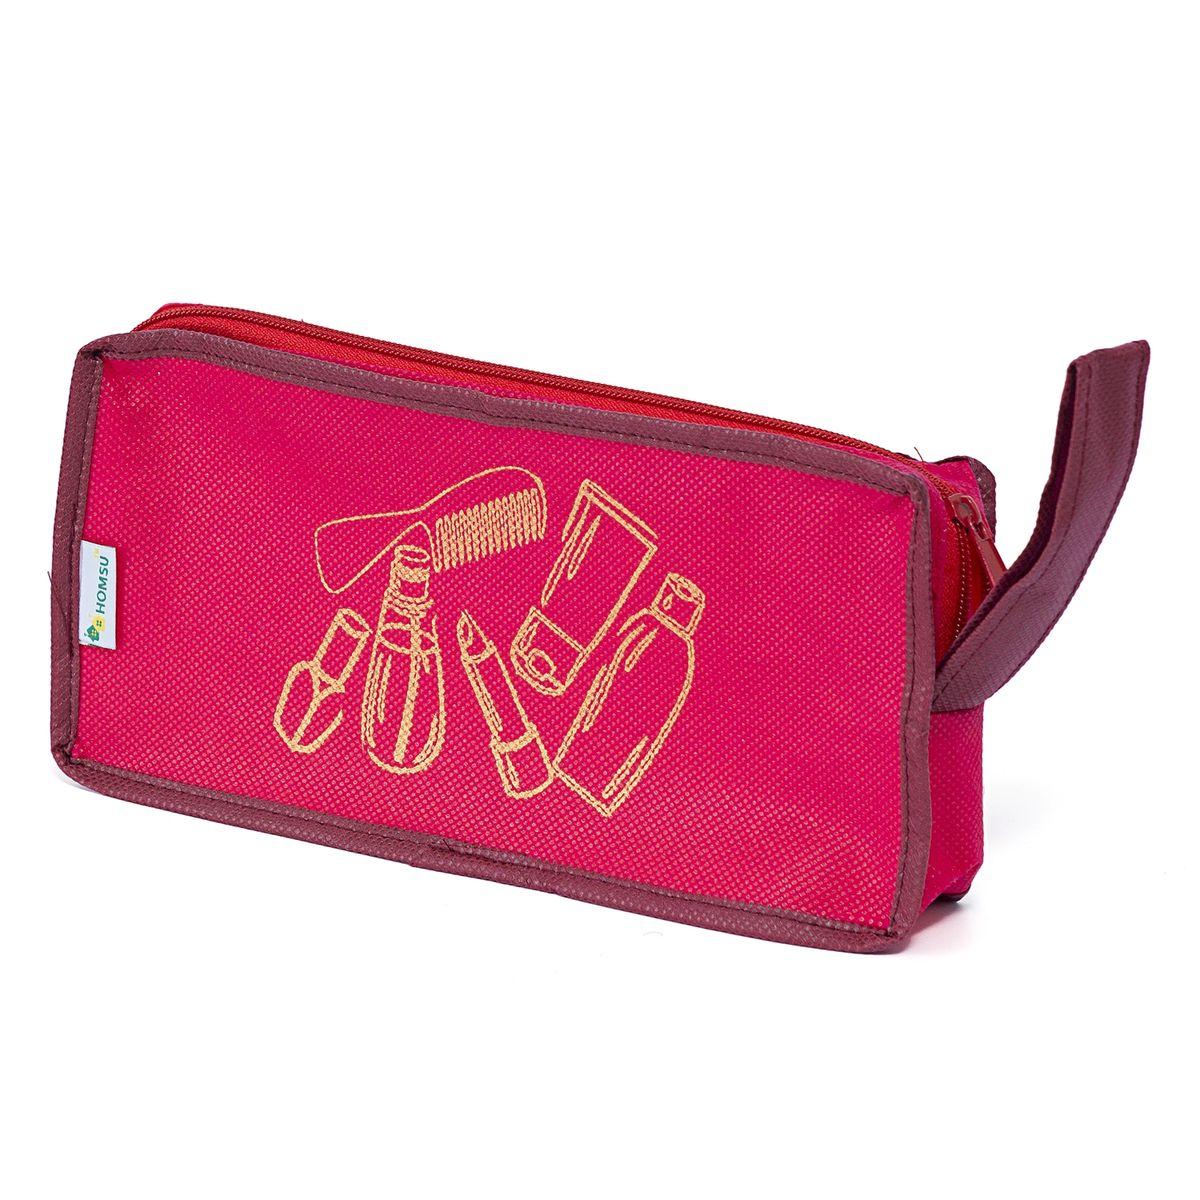 Косметичка Homsu Lady in Red, 25 х 12 х 5 смБрелок для ключейОригинальная косметичка Homsu Lady in Red выполнена из высококачественного материала и оформлена оригинальным принтом. Изделие содержит одно вместительное отделение, которое закрывается на застежку-молнию. Такая косметичка вместит в себя все самое необходимое и станет замечательным подарком человеку, ценящему практичные вещи.